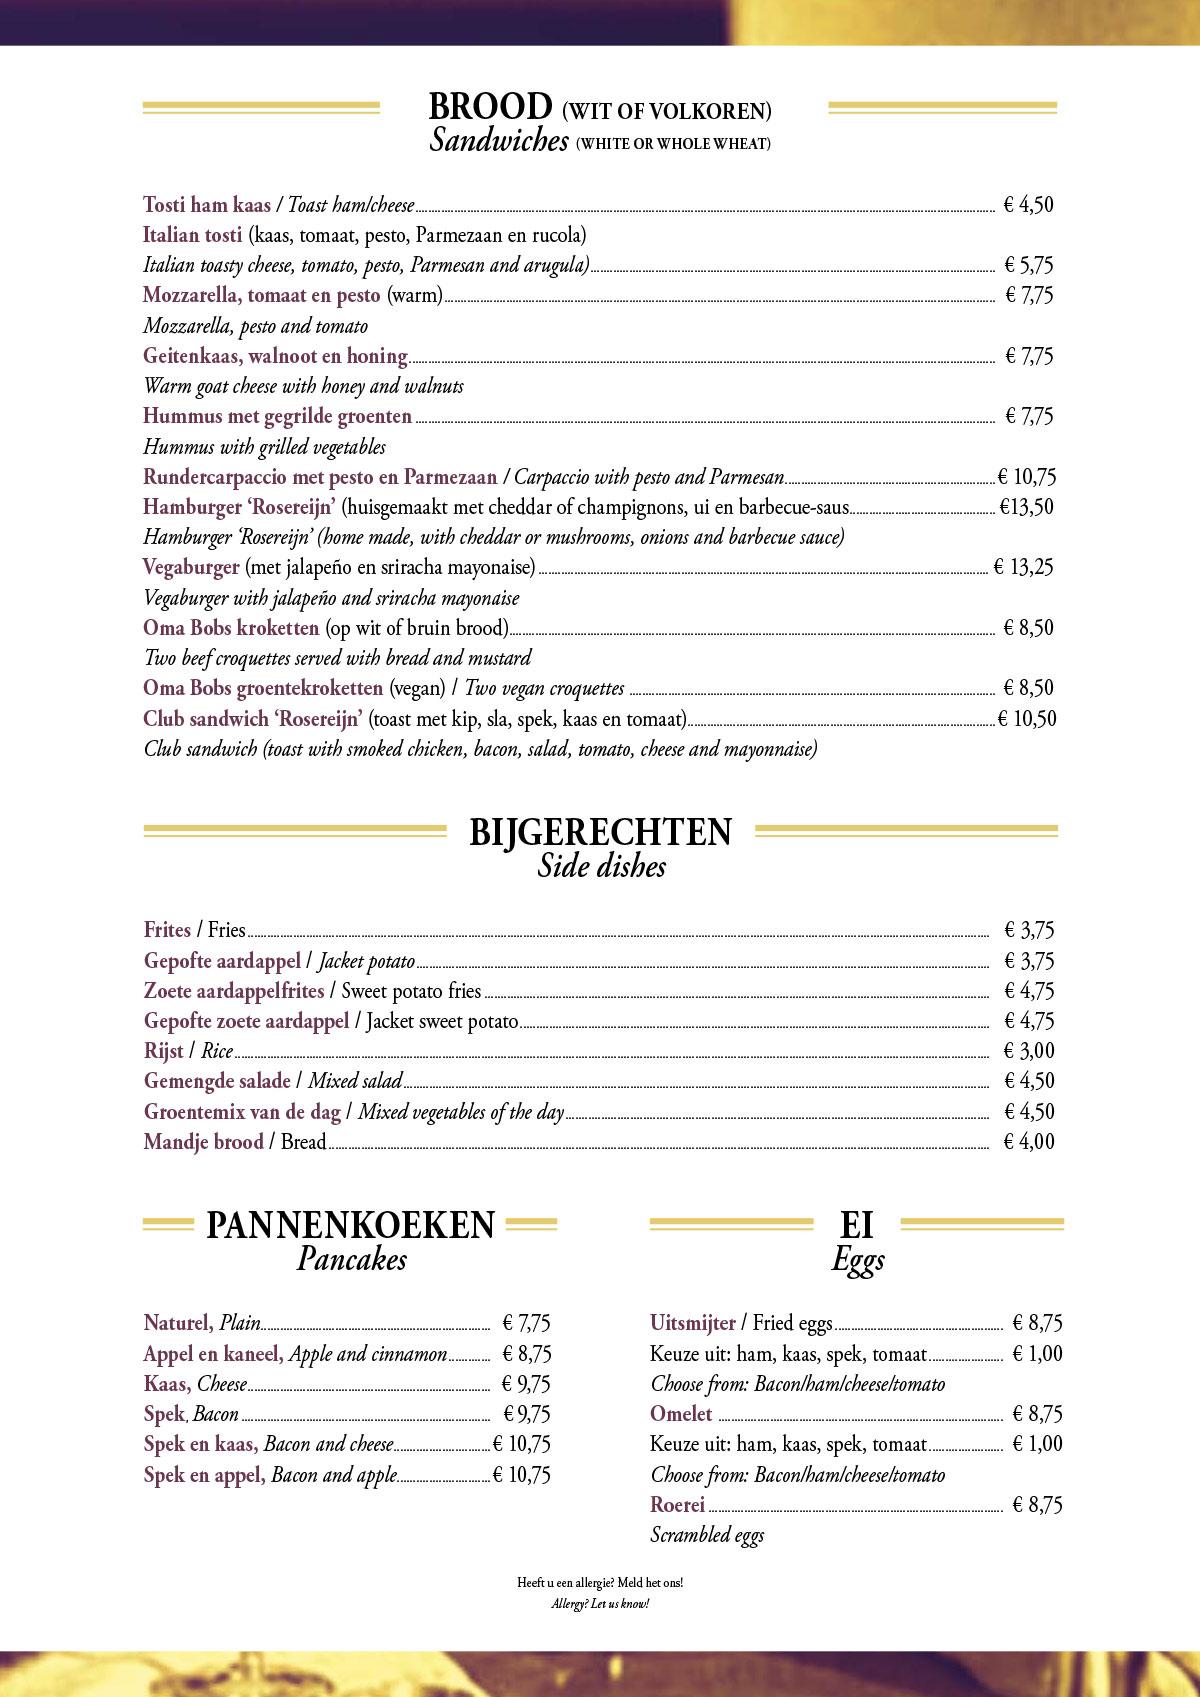 Lunchmenu & Broodjes | Eetcafe Rosereijn nabij de Jordaan in Amsterdam Eetcafe Rosereijn nabij de Jordaan in Amsterdam